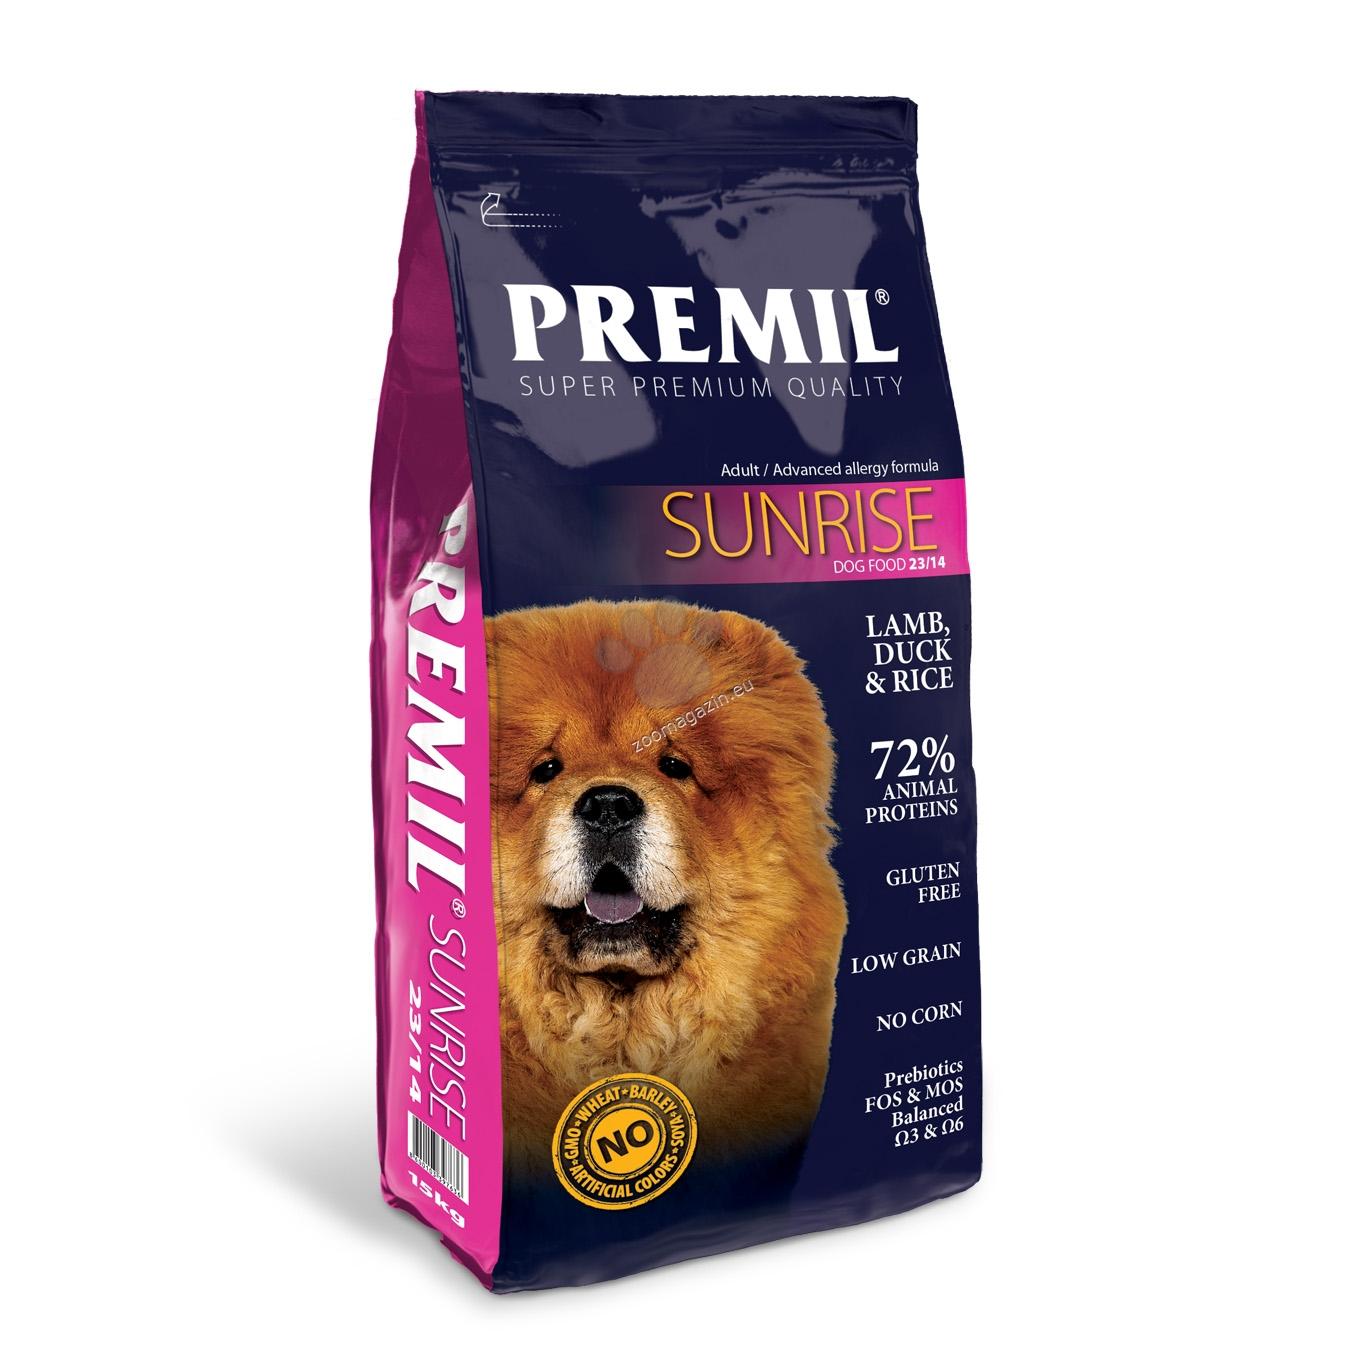 Premil - Sunrise 23/14 - пълноценна храна с агнешко месо и ориз, за кучета склонни към храносмилателни и кожни алергии 15 кг.